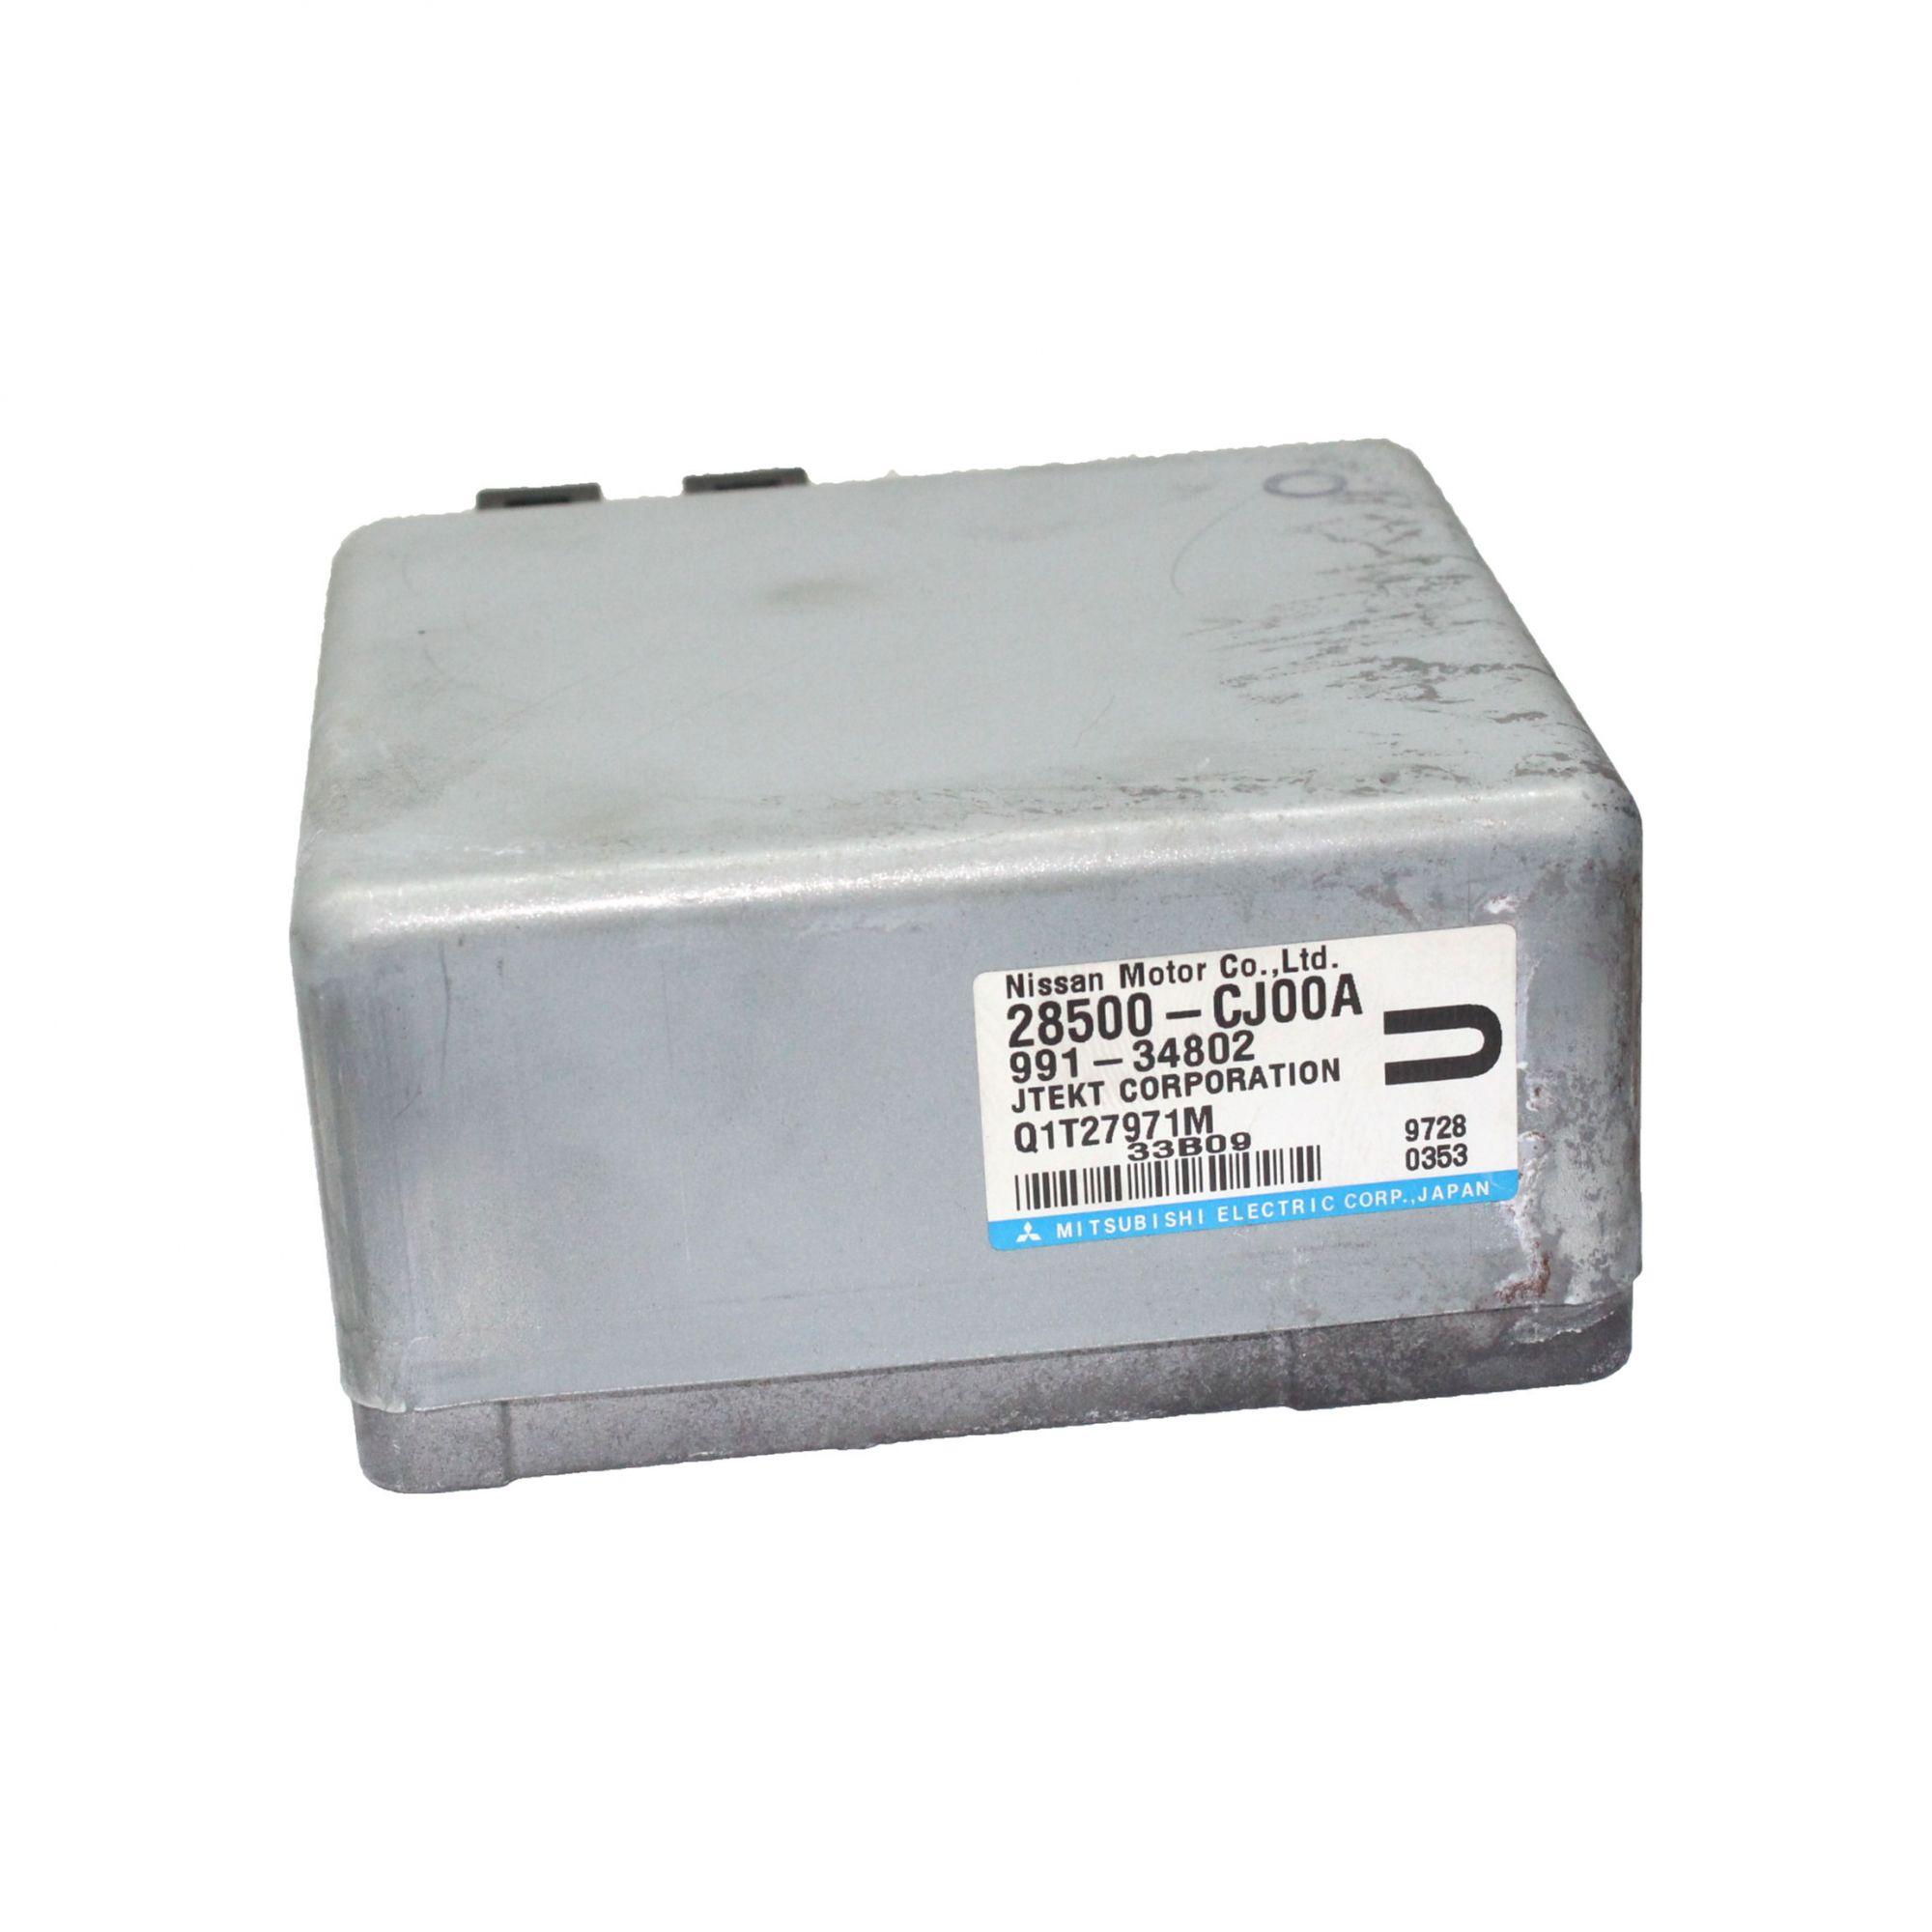 Modulo Direção Nissan Livina 28500CJ00A - Usado